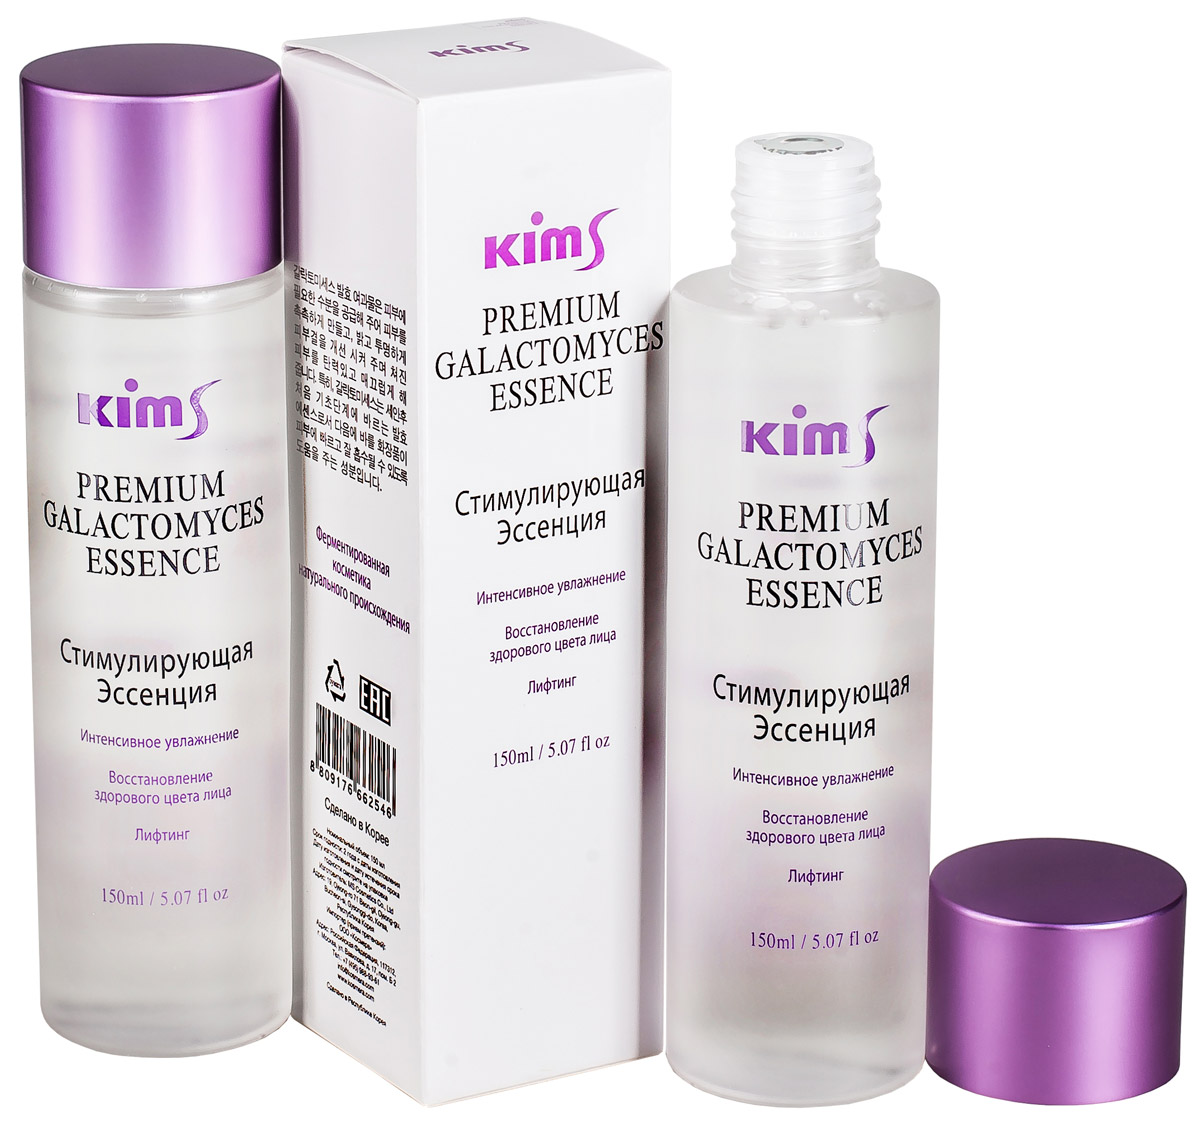 Kims Стимулирующая эссенция Premium Galactomyces Essence, 150 млGAL150Эта стимулирующая эссенция эффективно борется с проблемами кожи. Фильтрат ферментированных дрожжей (род Galactomyces) и лизат ферментированных бифидобактерий повышают упругость кожи. Гиалуронат натрия обеспечивает оптимальное увлажнение. Розовая вода, полученная из цветков столистной розы, придает коже нежный аромат, увлажняет, оказывает мягкое антибактериальное и успокаивающее действие.